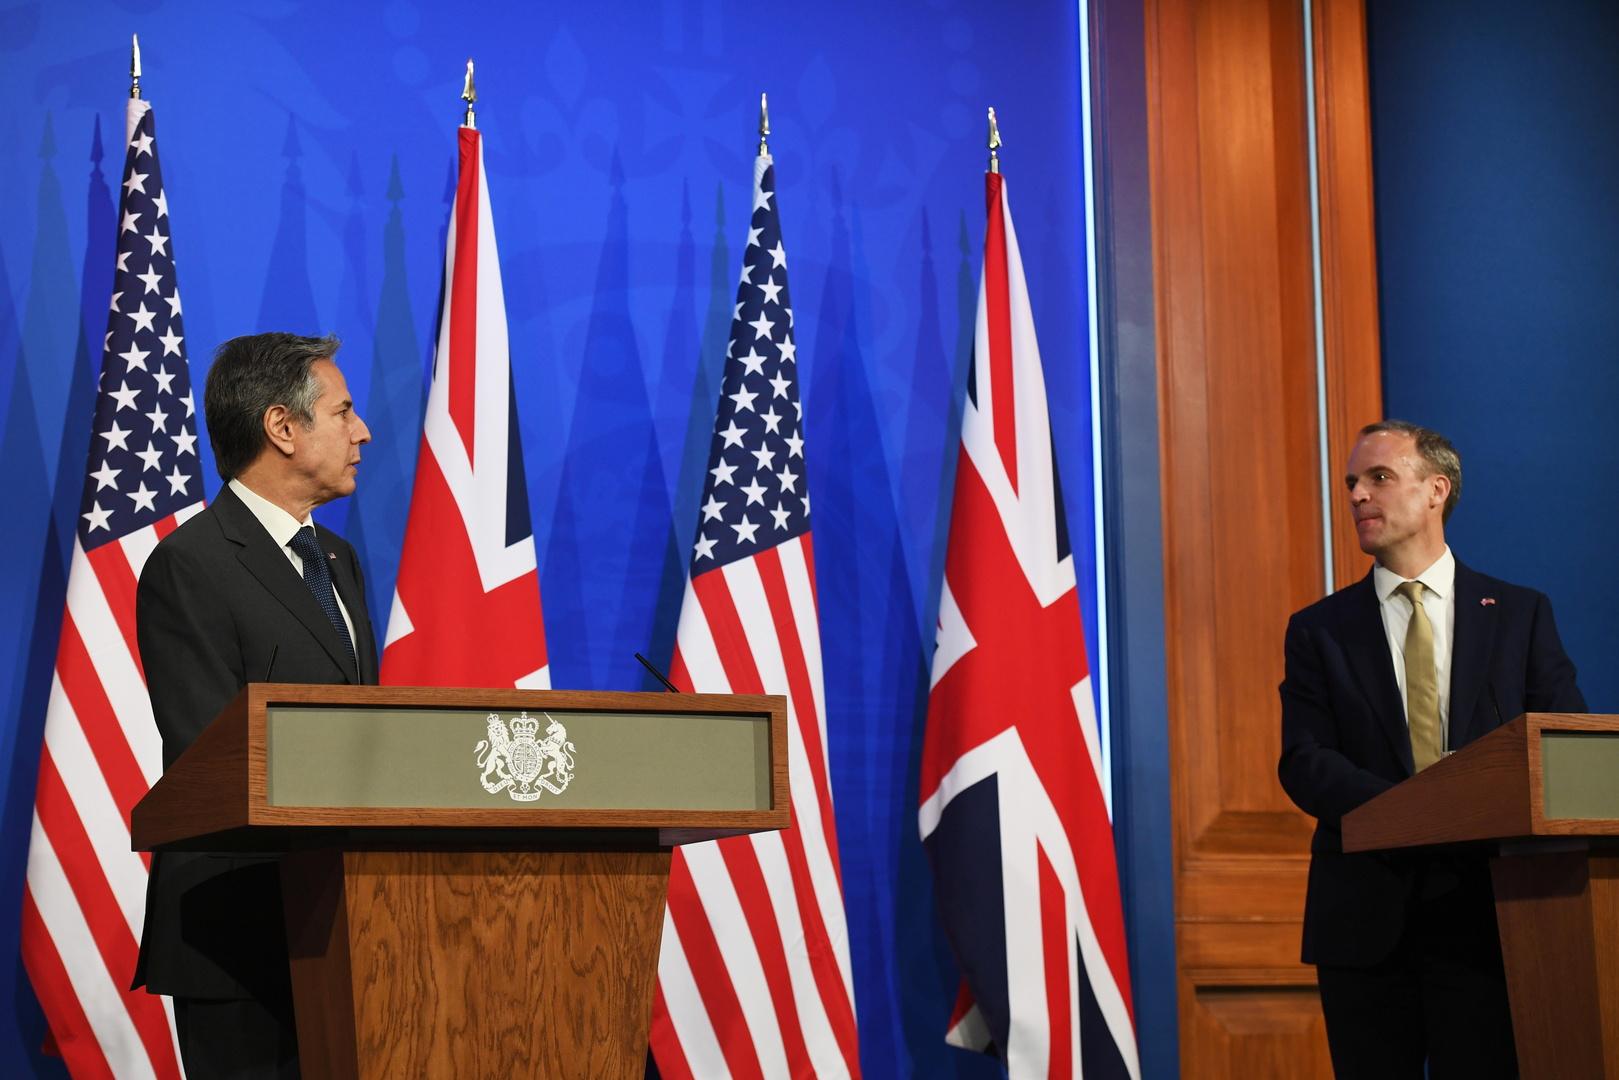 لندن وواشنطن تبحثان سبل منع تحول أفغانستان لقاعدة للجماعات الإرهابية